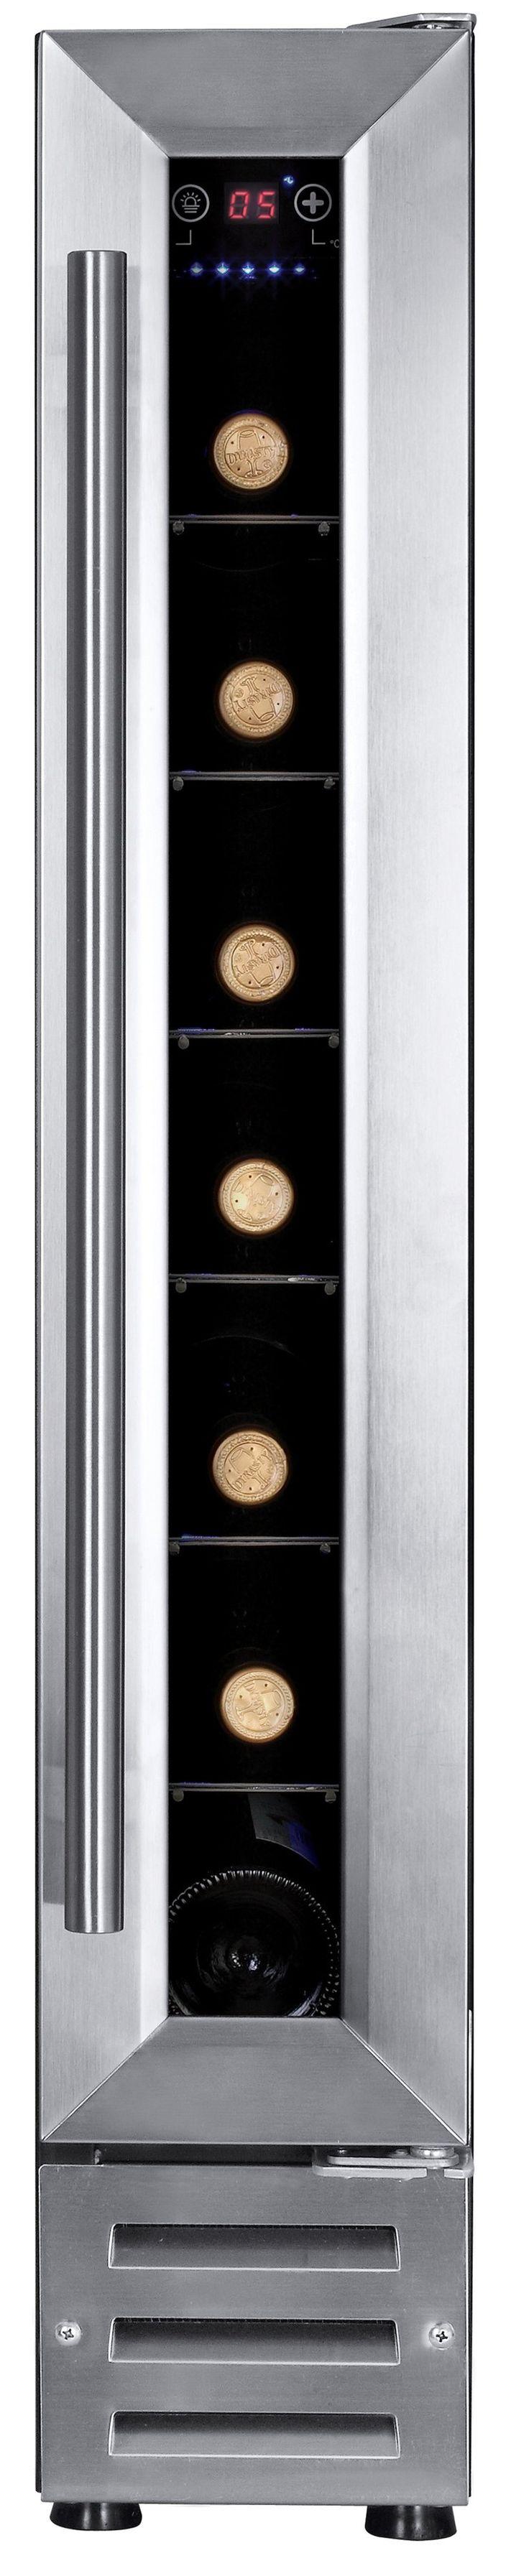 Deze Temptech VWC7 wijnklimaatkast kopen voor €459,-? Stijlvolle extra smalle wijnklimaatkast met glazen deur